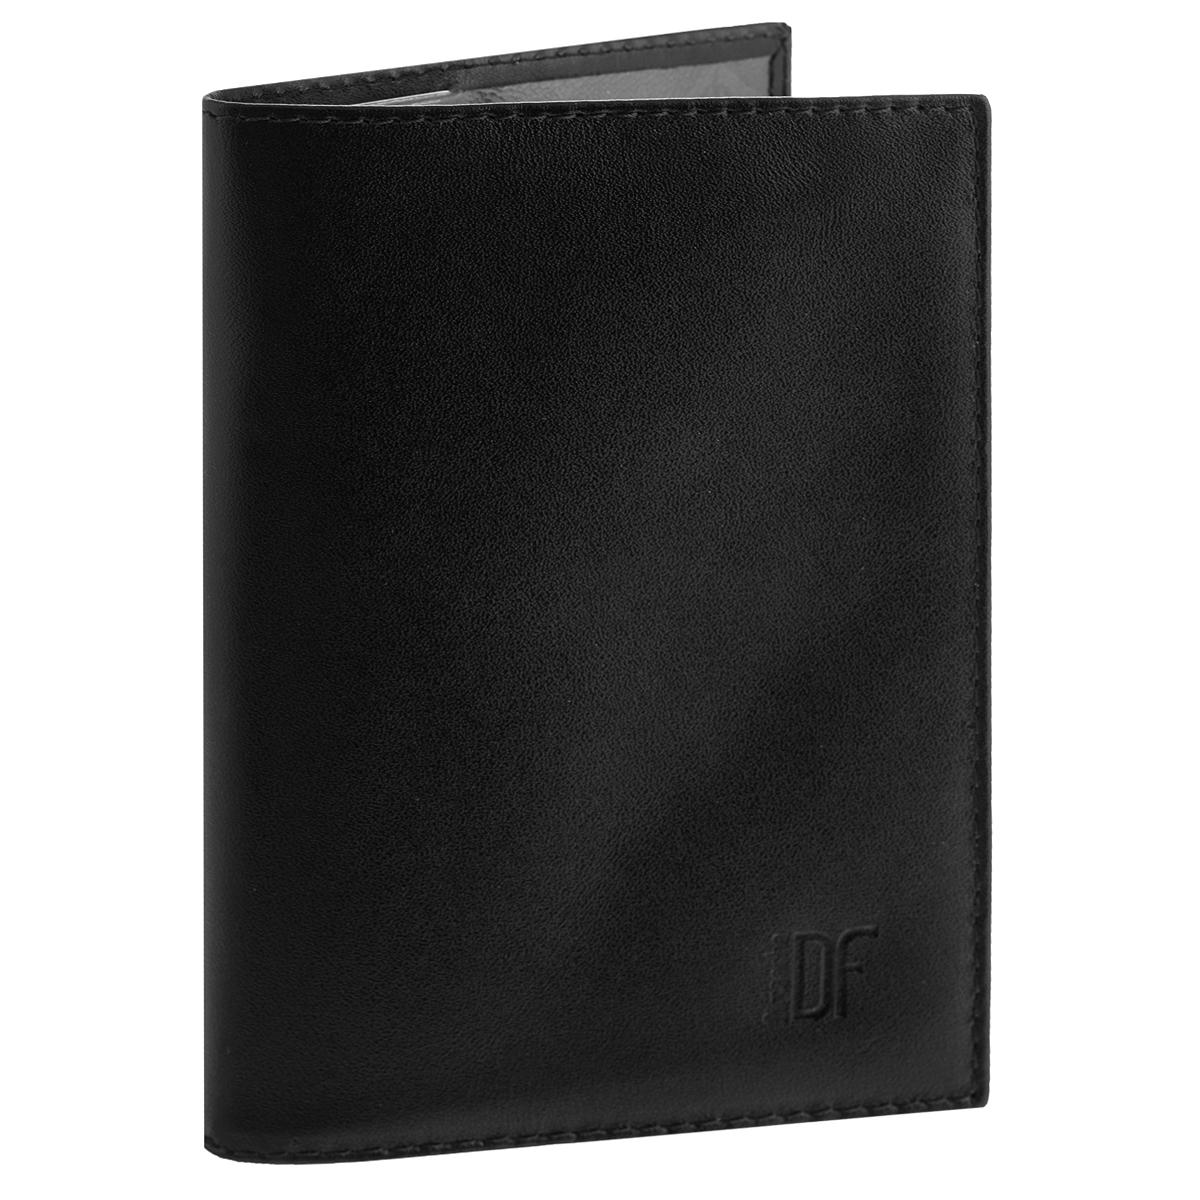 Обложка для паспорта Dimanche Bond, цвет: черный. 9601-022_516Обложка для паспорта Bond выполнена из натуральной кожи с матовой поверхностью. На внутреннем развороте - два кармашка из прозрачного пластика. Обложка не только поможет сохранить внешний вид ваших документов и защитит их от повреждений, но и станет стильным аксессуаром, который подчеркнет ваш неповторимый стиль.Обложка упакована в коробку из плотного картона с логотипом фирмы. Характеристики:Материал: натуральная кожа, ПВХ. Цвет: черный. Размер обложки: 9,5 см х 13,5 см х 1,5 см.